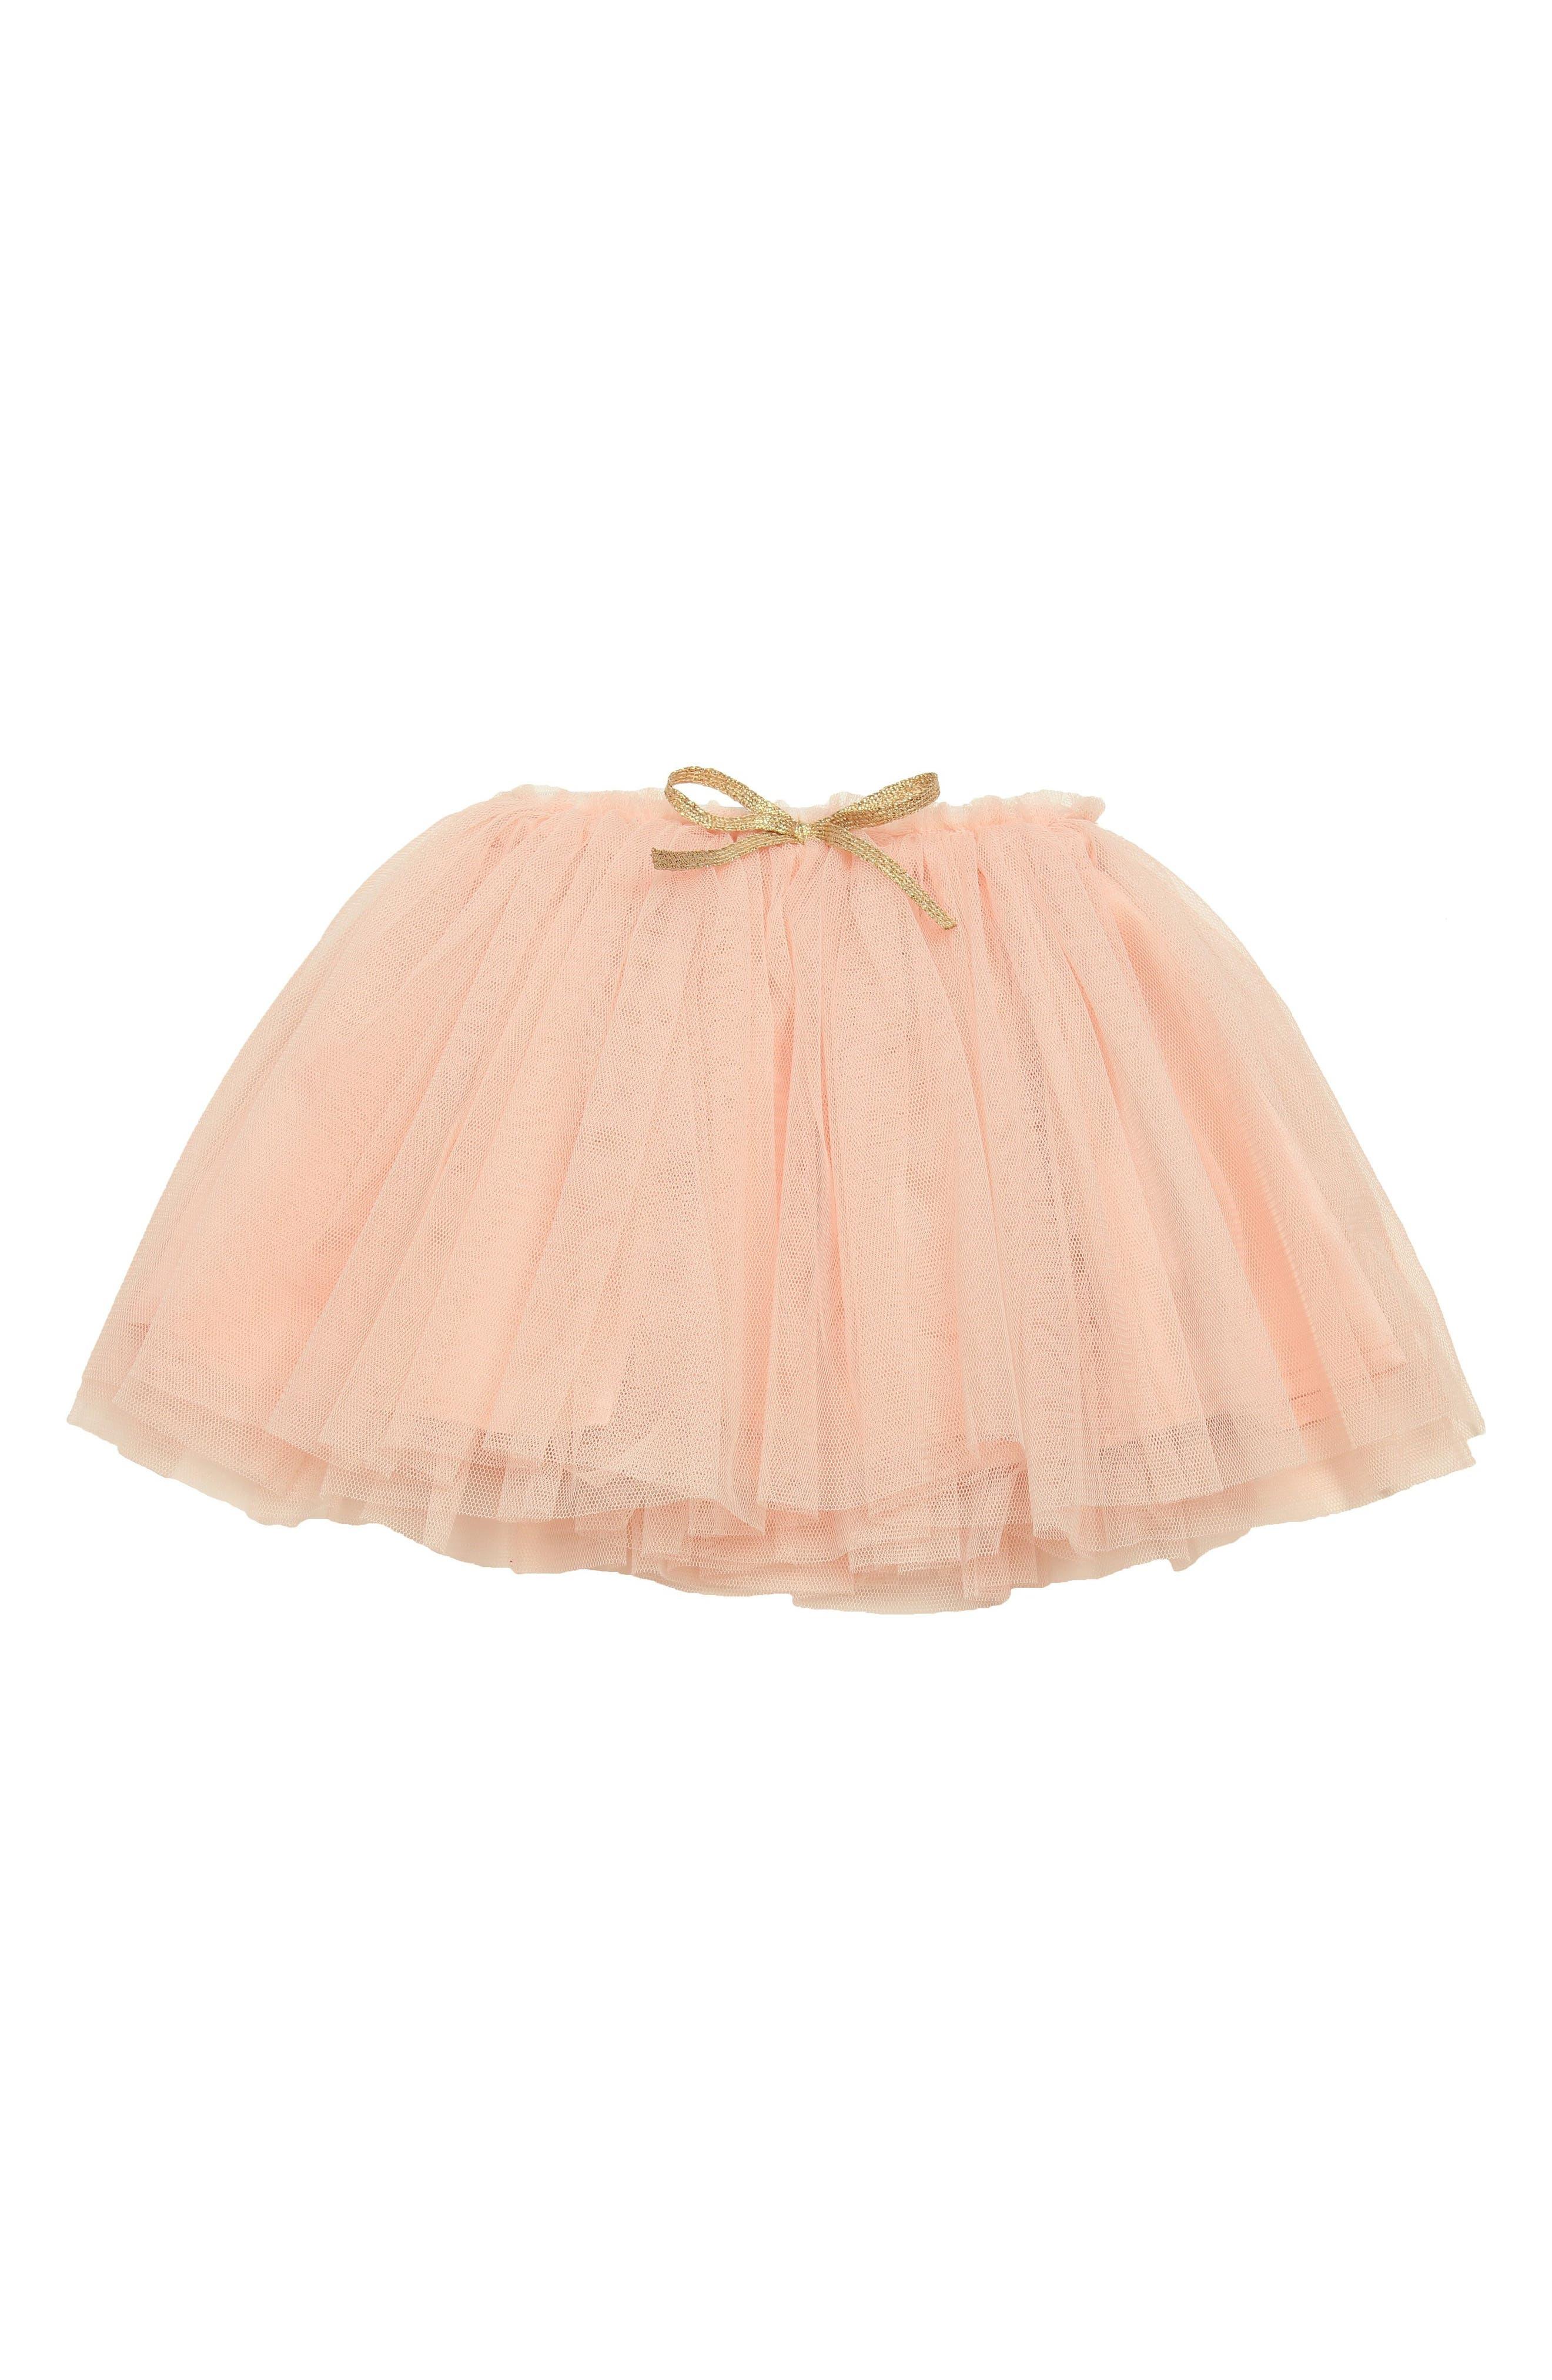 Tutu Skirt,                             Main thumbnail 1, color,                             Rose